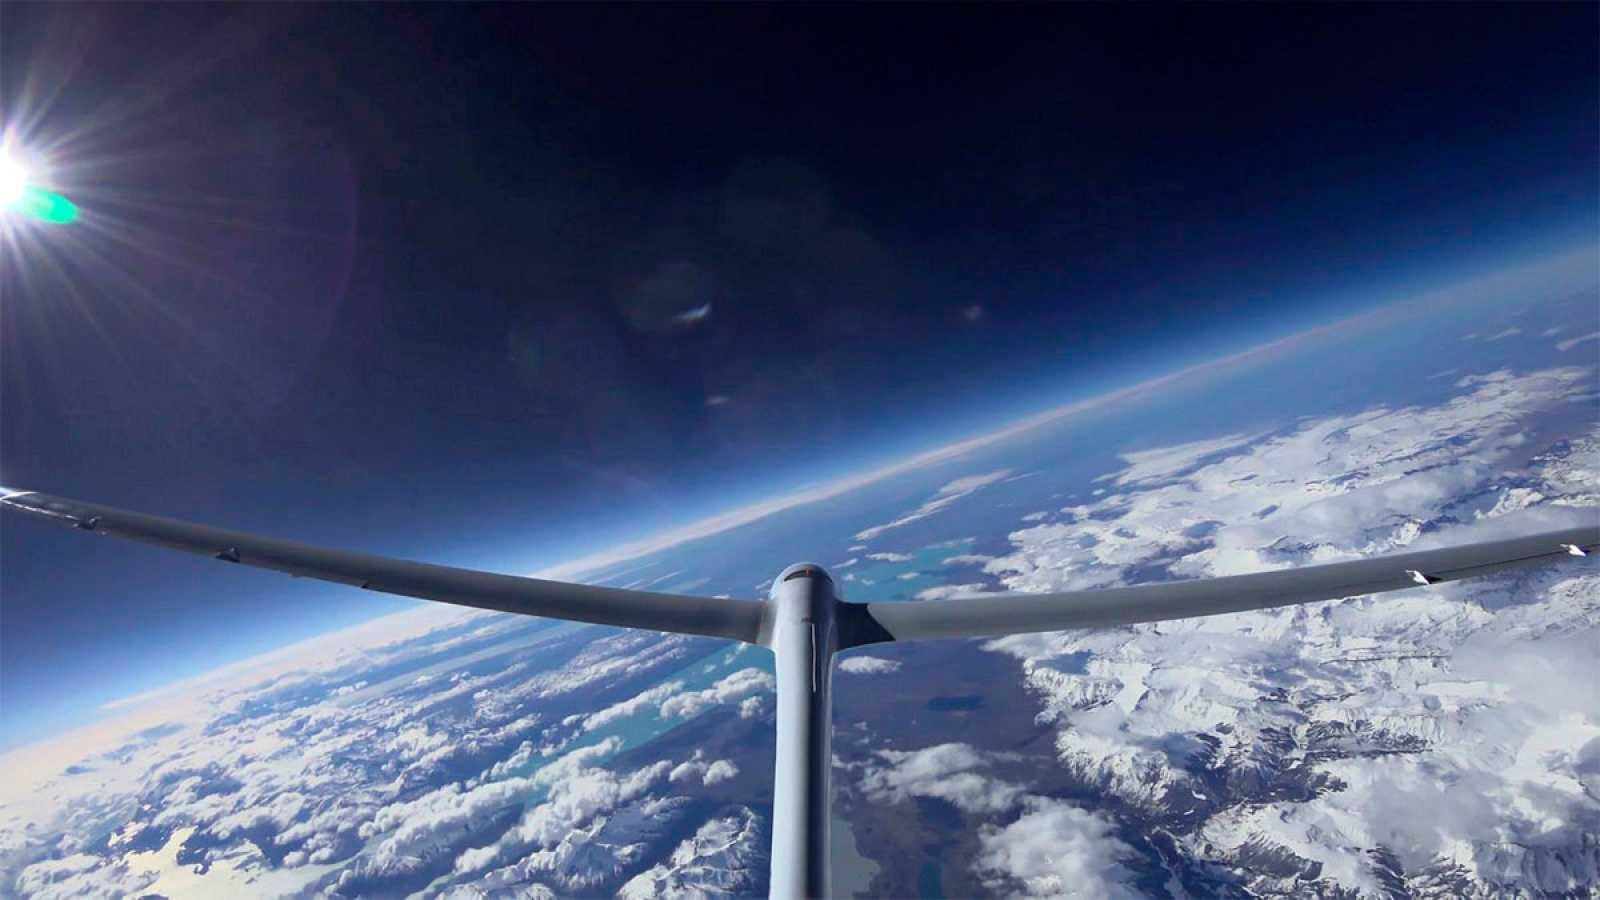 El planeador Perlan II ha establecido en la Patagonia el récord de altitud de vuelo sin motor en 23.200 metros. Además de otros fines científicos, este prototipo desarrollado por Airbus persigue allanar el camino para la navegación aérea comercial a